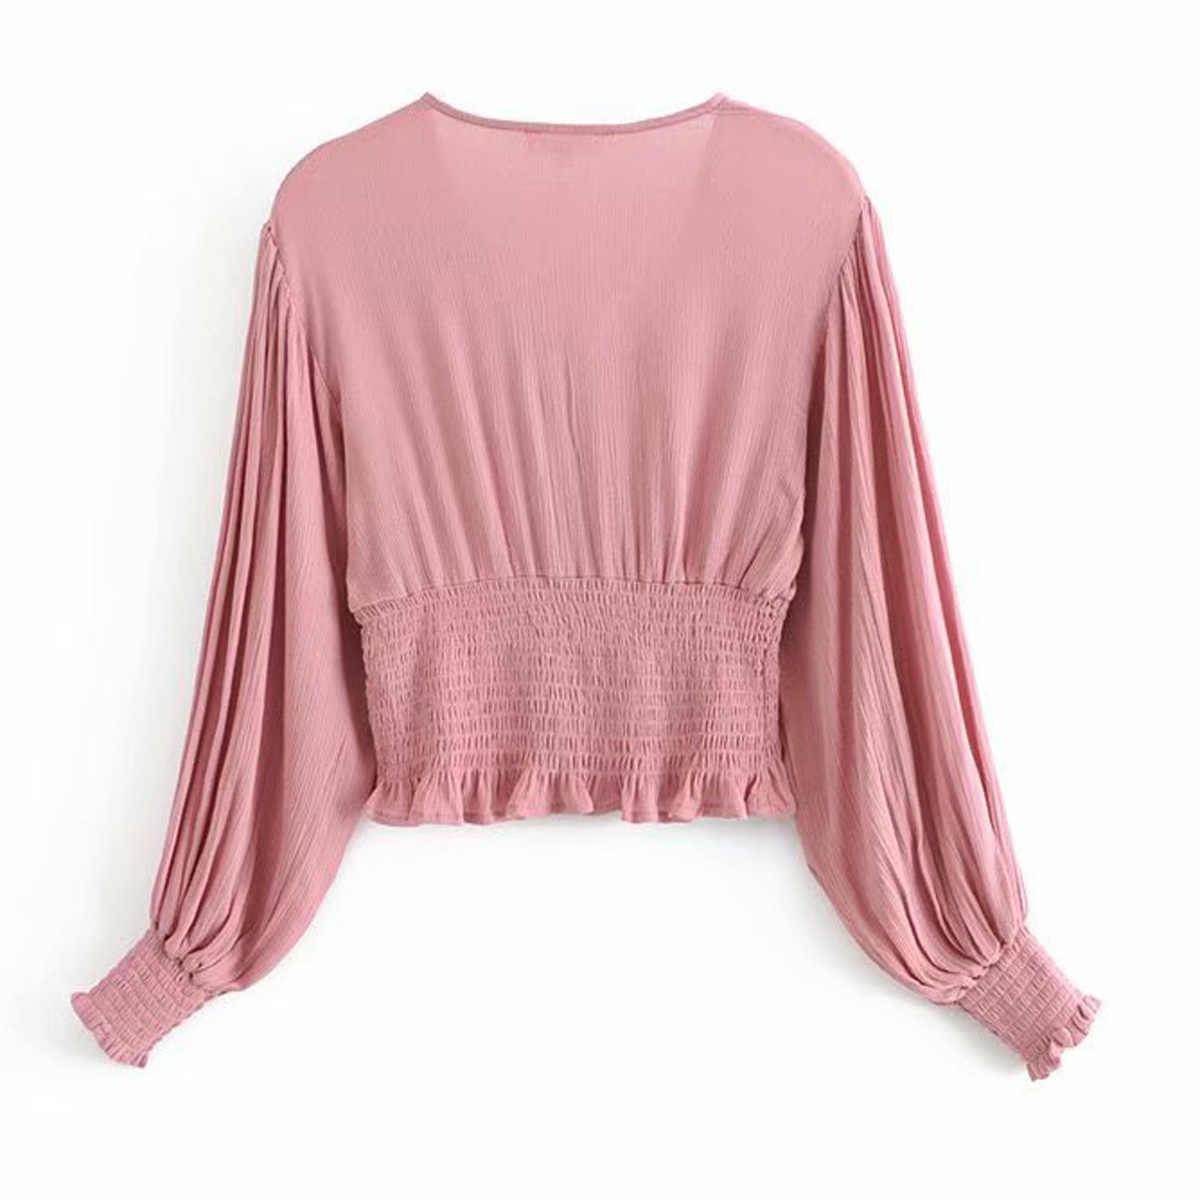 Jastie V ネックボタンクロップトップパフ自由奔放に生きるブラウスシャツ 2018 夏シャツトップフリルウエストスリム女性シャツブラウスプルオーバー